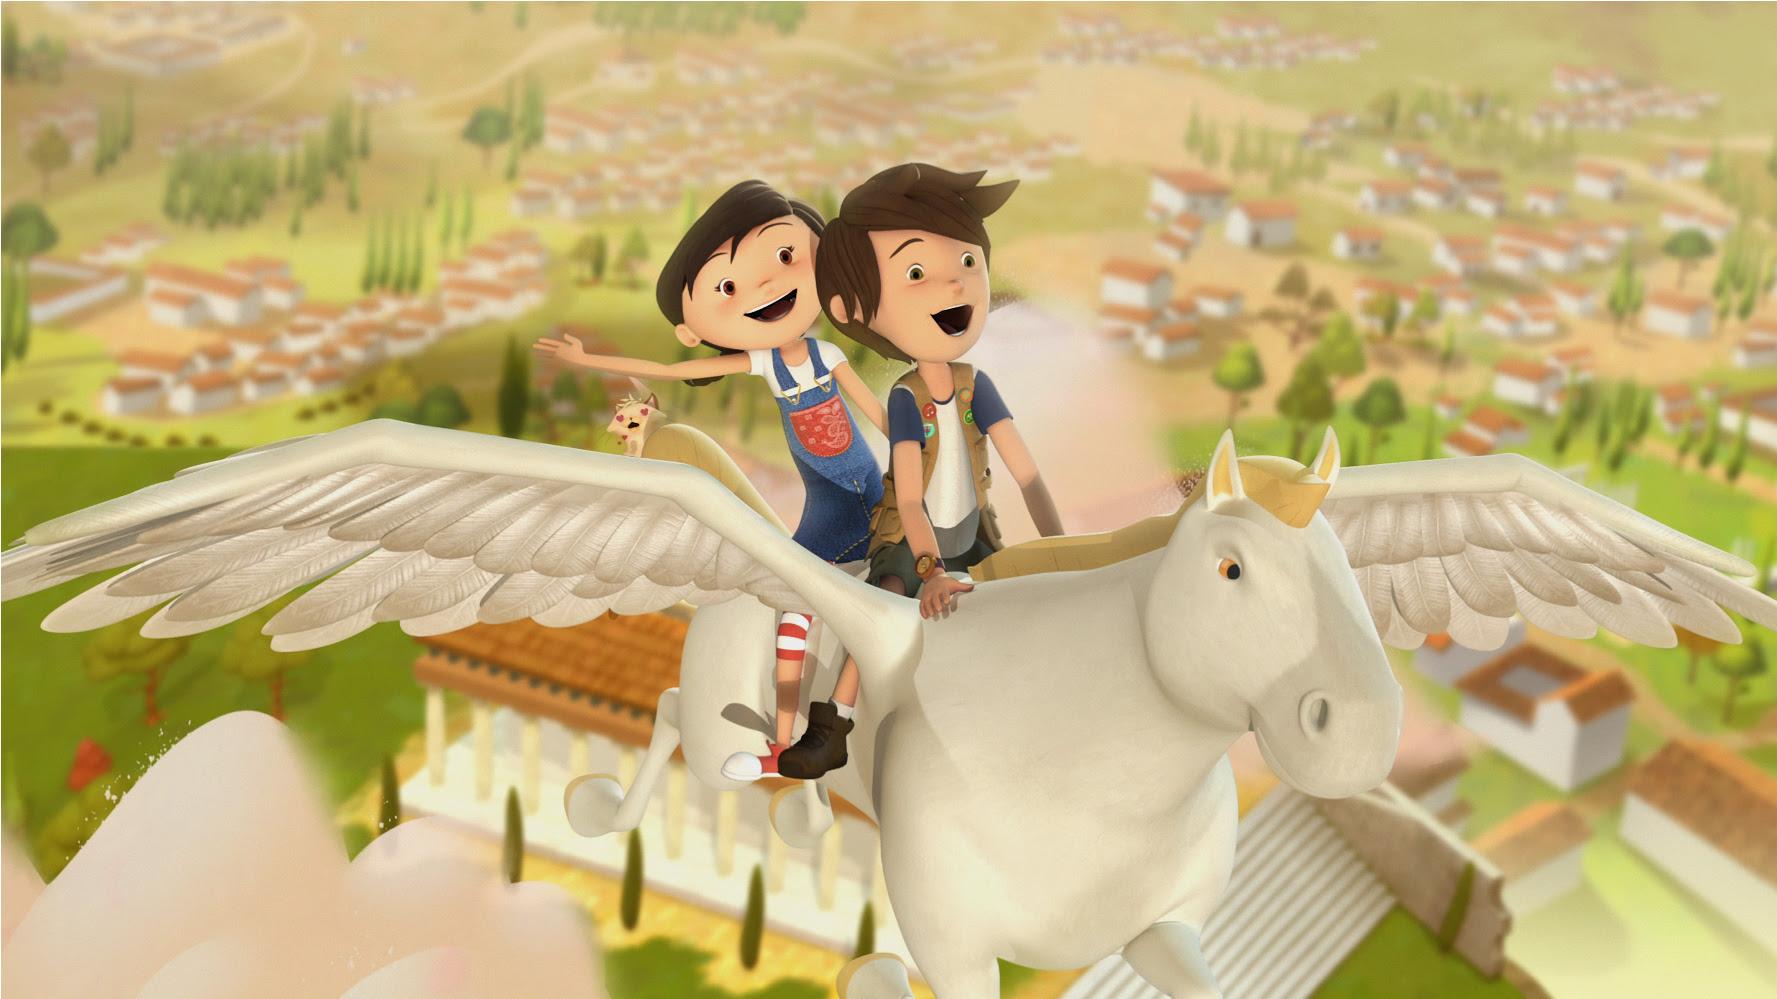 Diário de Pilar: Série de Animação Brasileira exploras as Belezas da Grécia